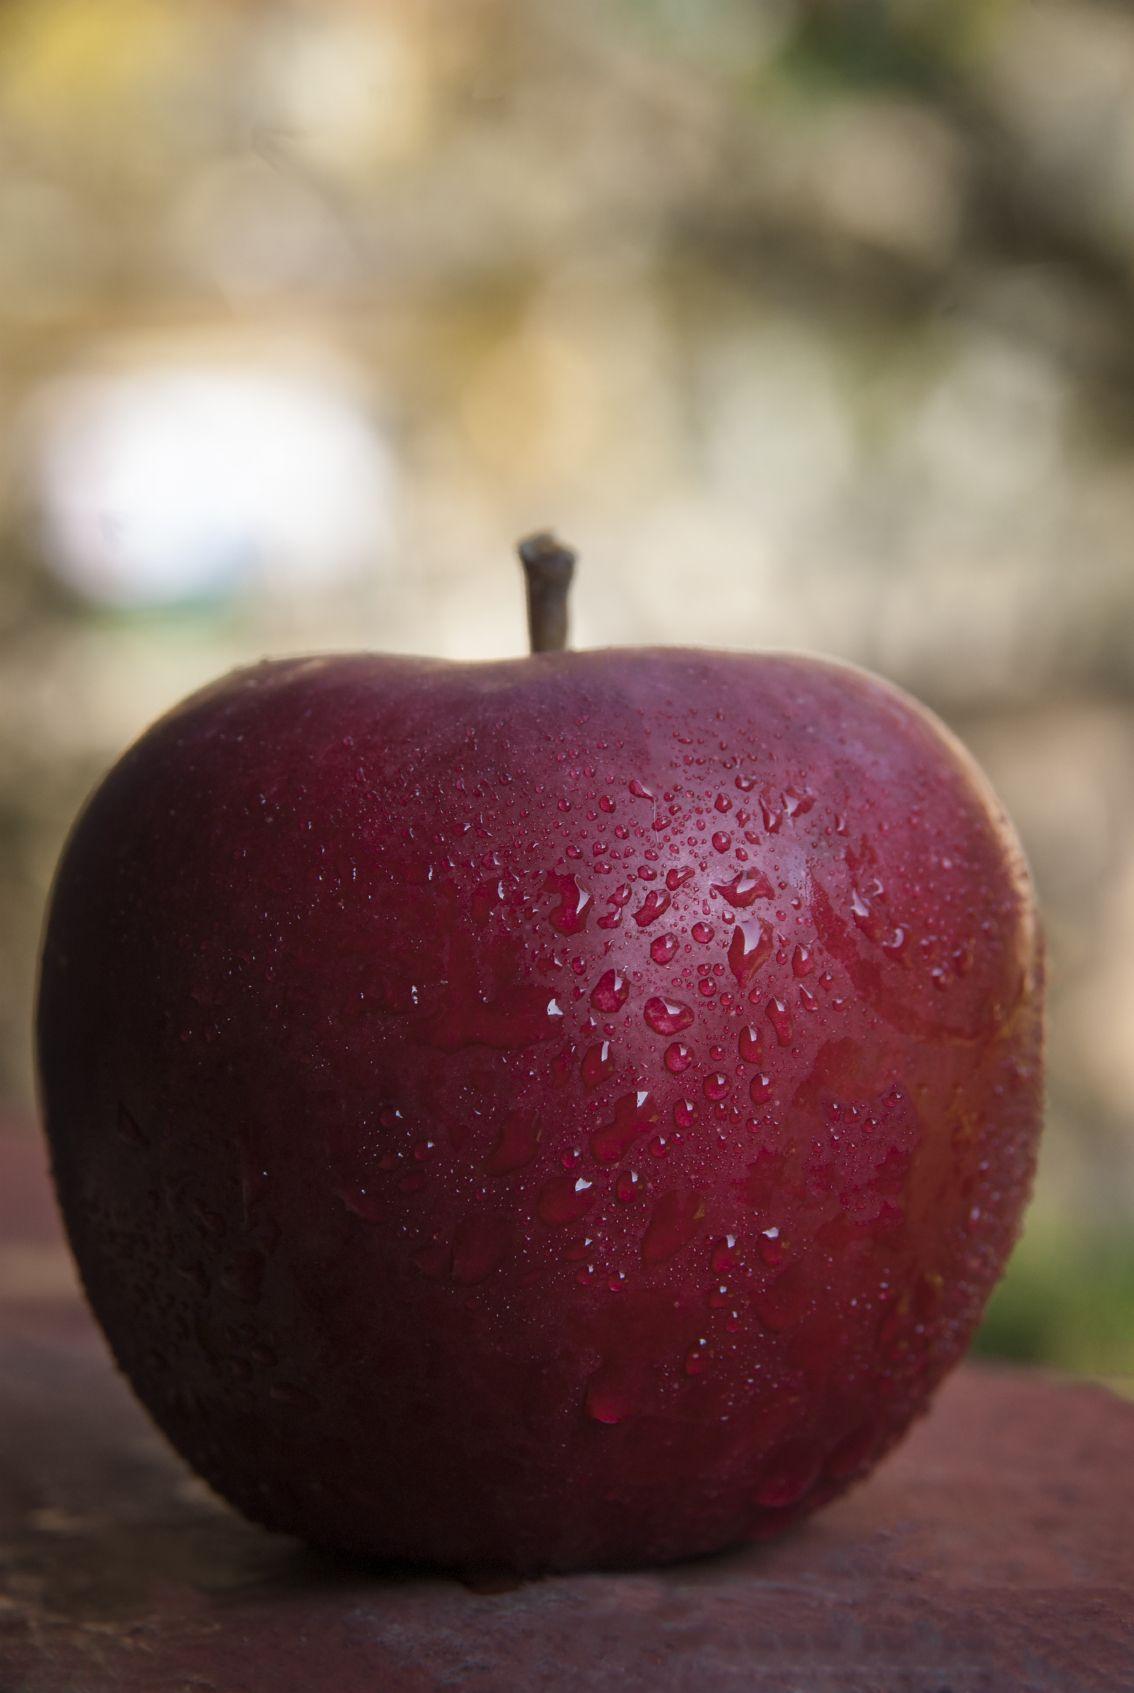 Pin de Denisse di Carlo en Manzanas Rojas | Fruta fresca y